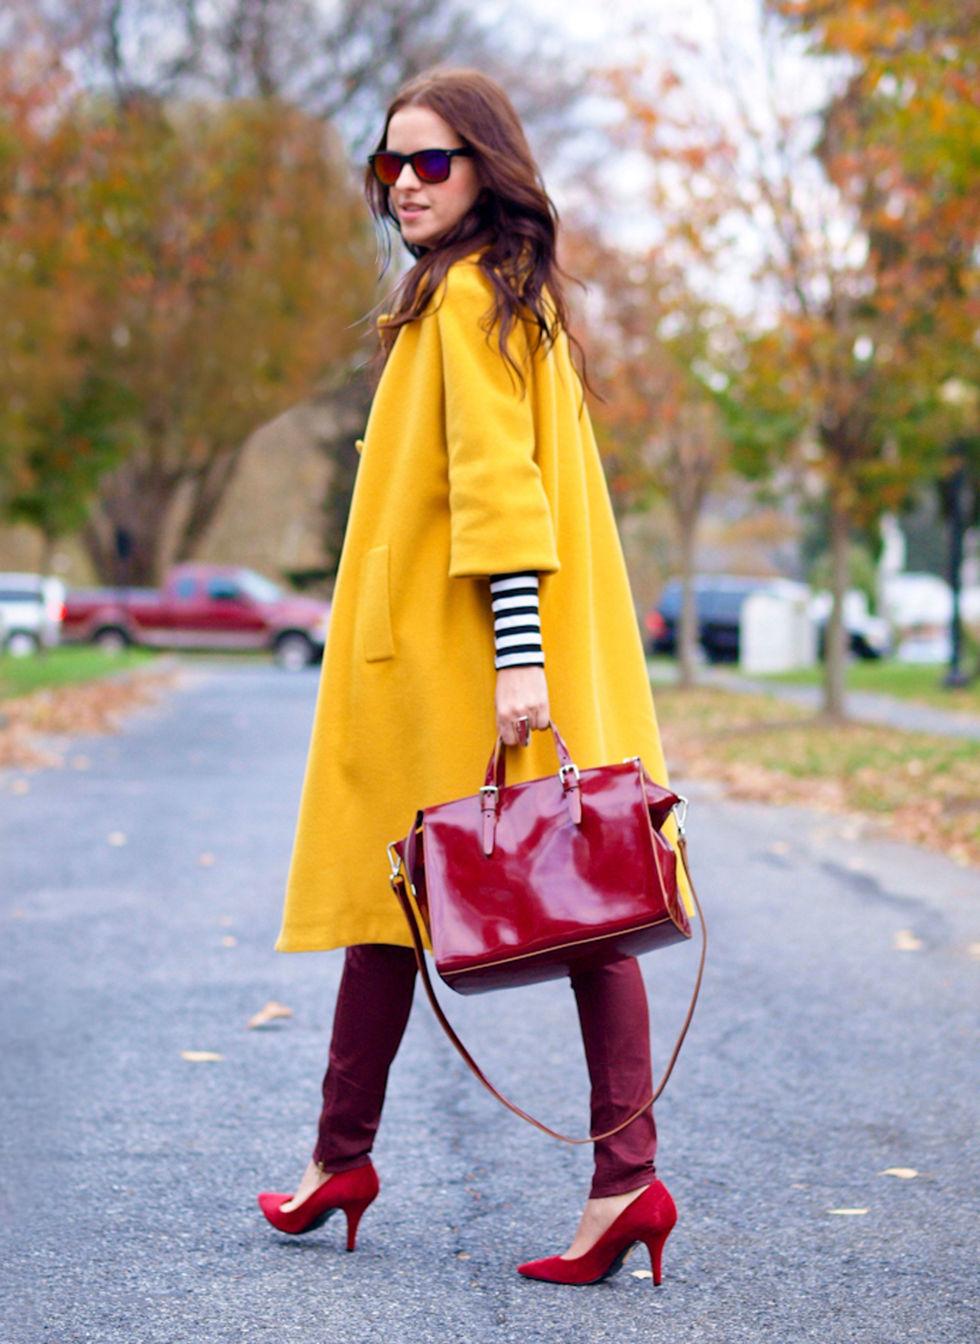 548f14d659511_-_rbk-bright-coats-1113-1-s2